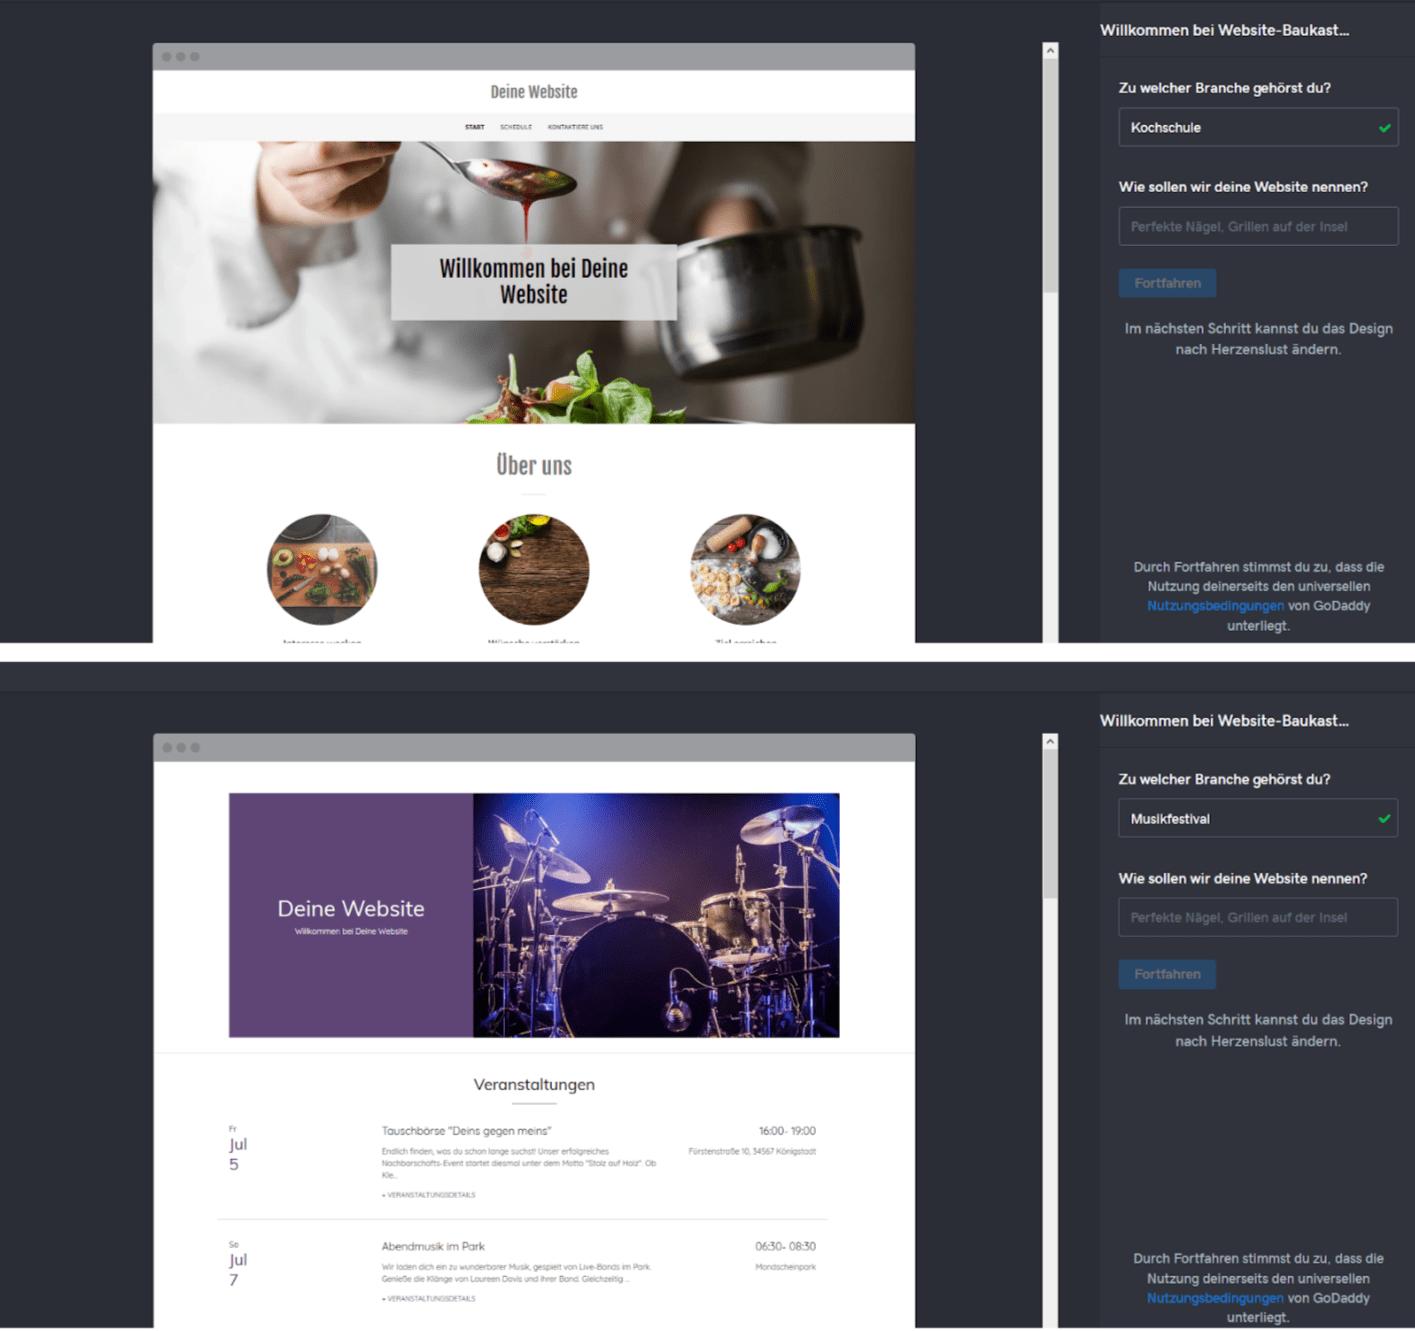 Professionelle Website erstellen mit GoDaddy - Anleitung Schritt 2